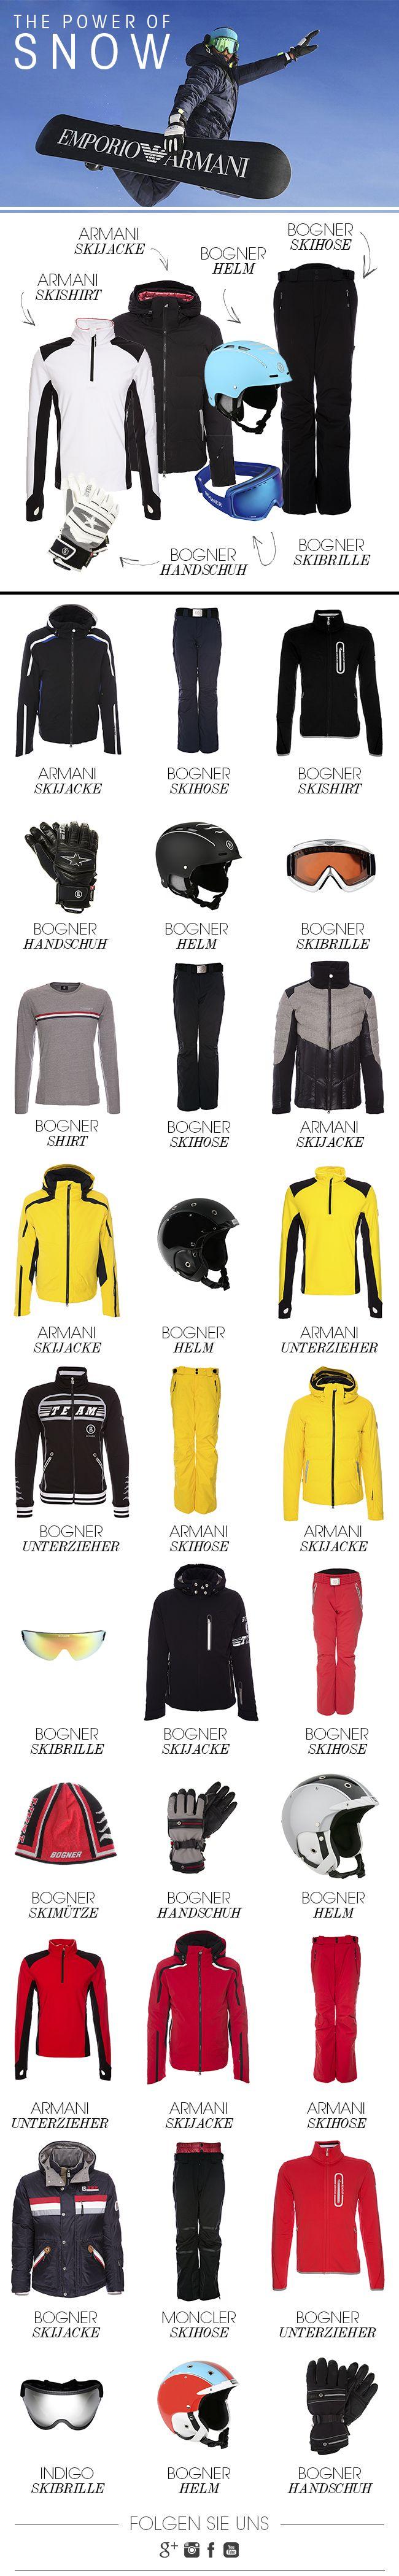 #musthave #fashion #newin #modeblog #fashionstore #onlineshop #shop #online  #sailerstyle #onlineshop #fashion #blog #trusted #stylenews #newsletter #design  #labels  #bogner #skiwear #skifashion #skihose #ski #skimode #skibekleidung #ea7 #indigo #skibrille